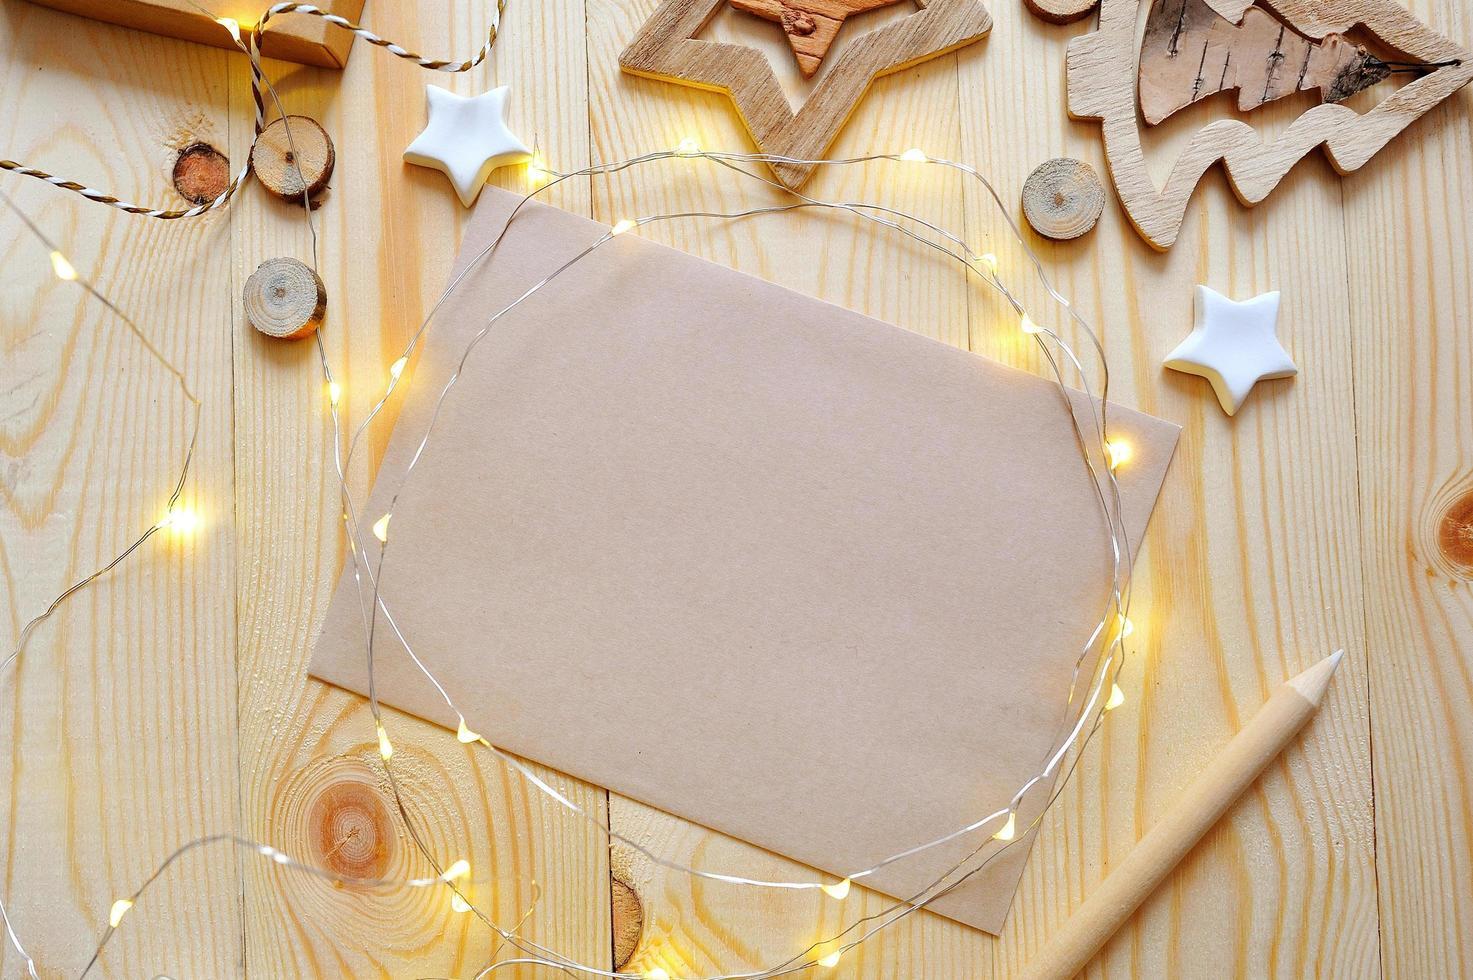 carta bianca tra luci natalizie e decorazioni foto